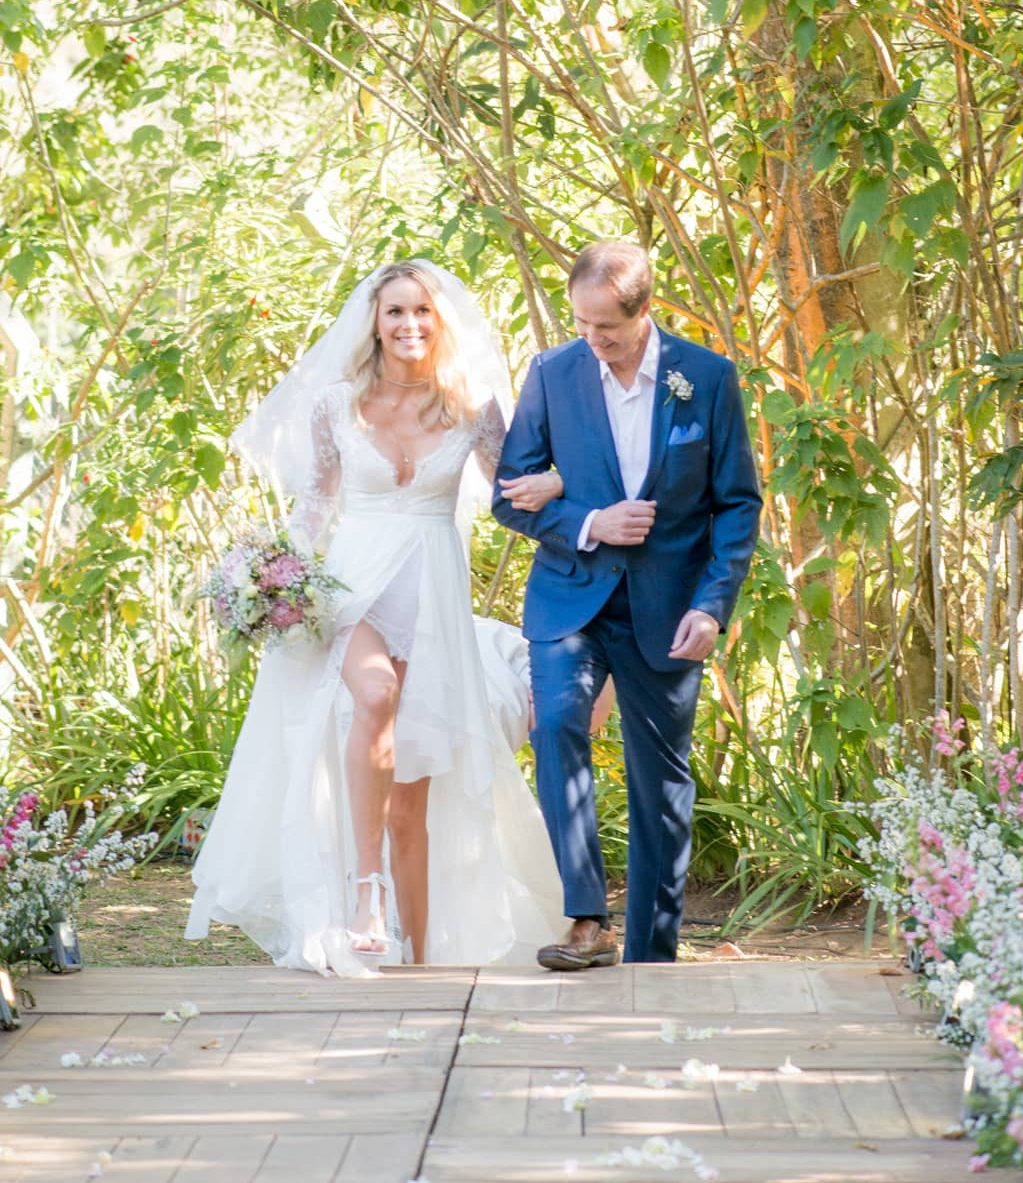 casamento-babi-e-Marcos-casamento-de-dia-casamento-ao-ar-livre-rio-de-janeiro-fotografia-Rodrigo-Sack-cerimonia-22-e1545408074375